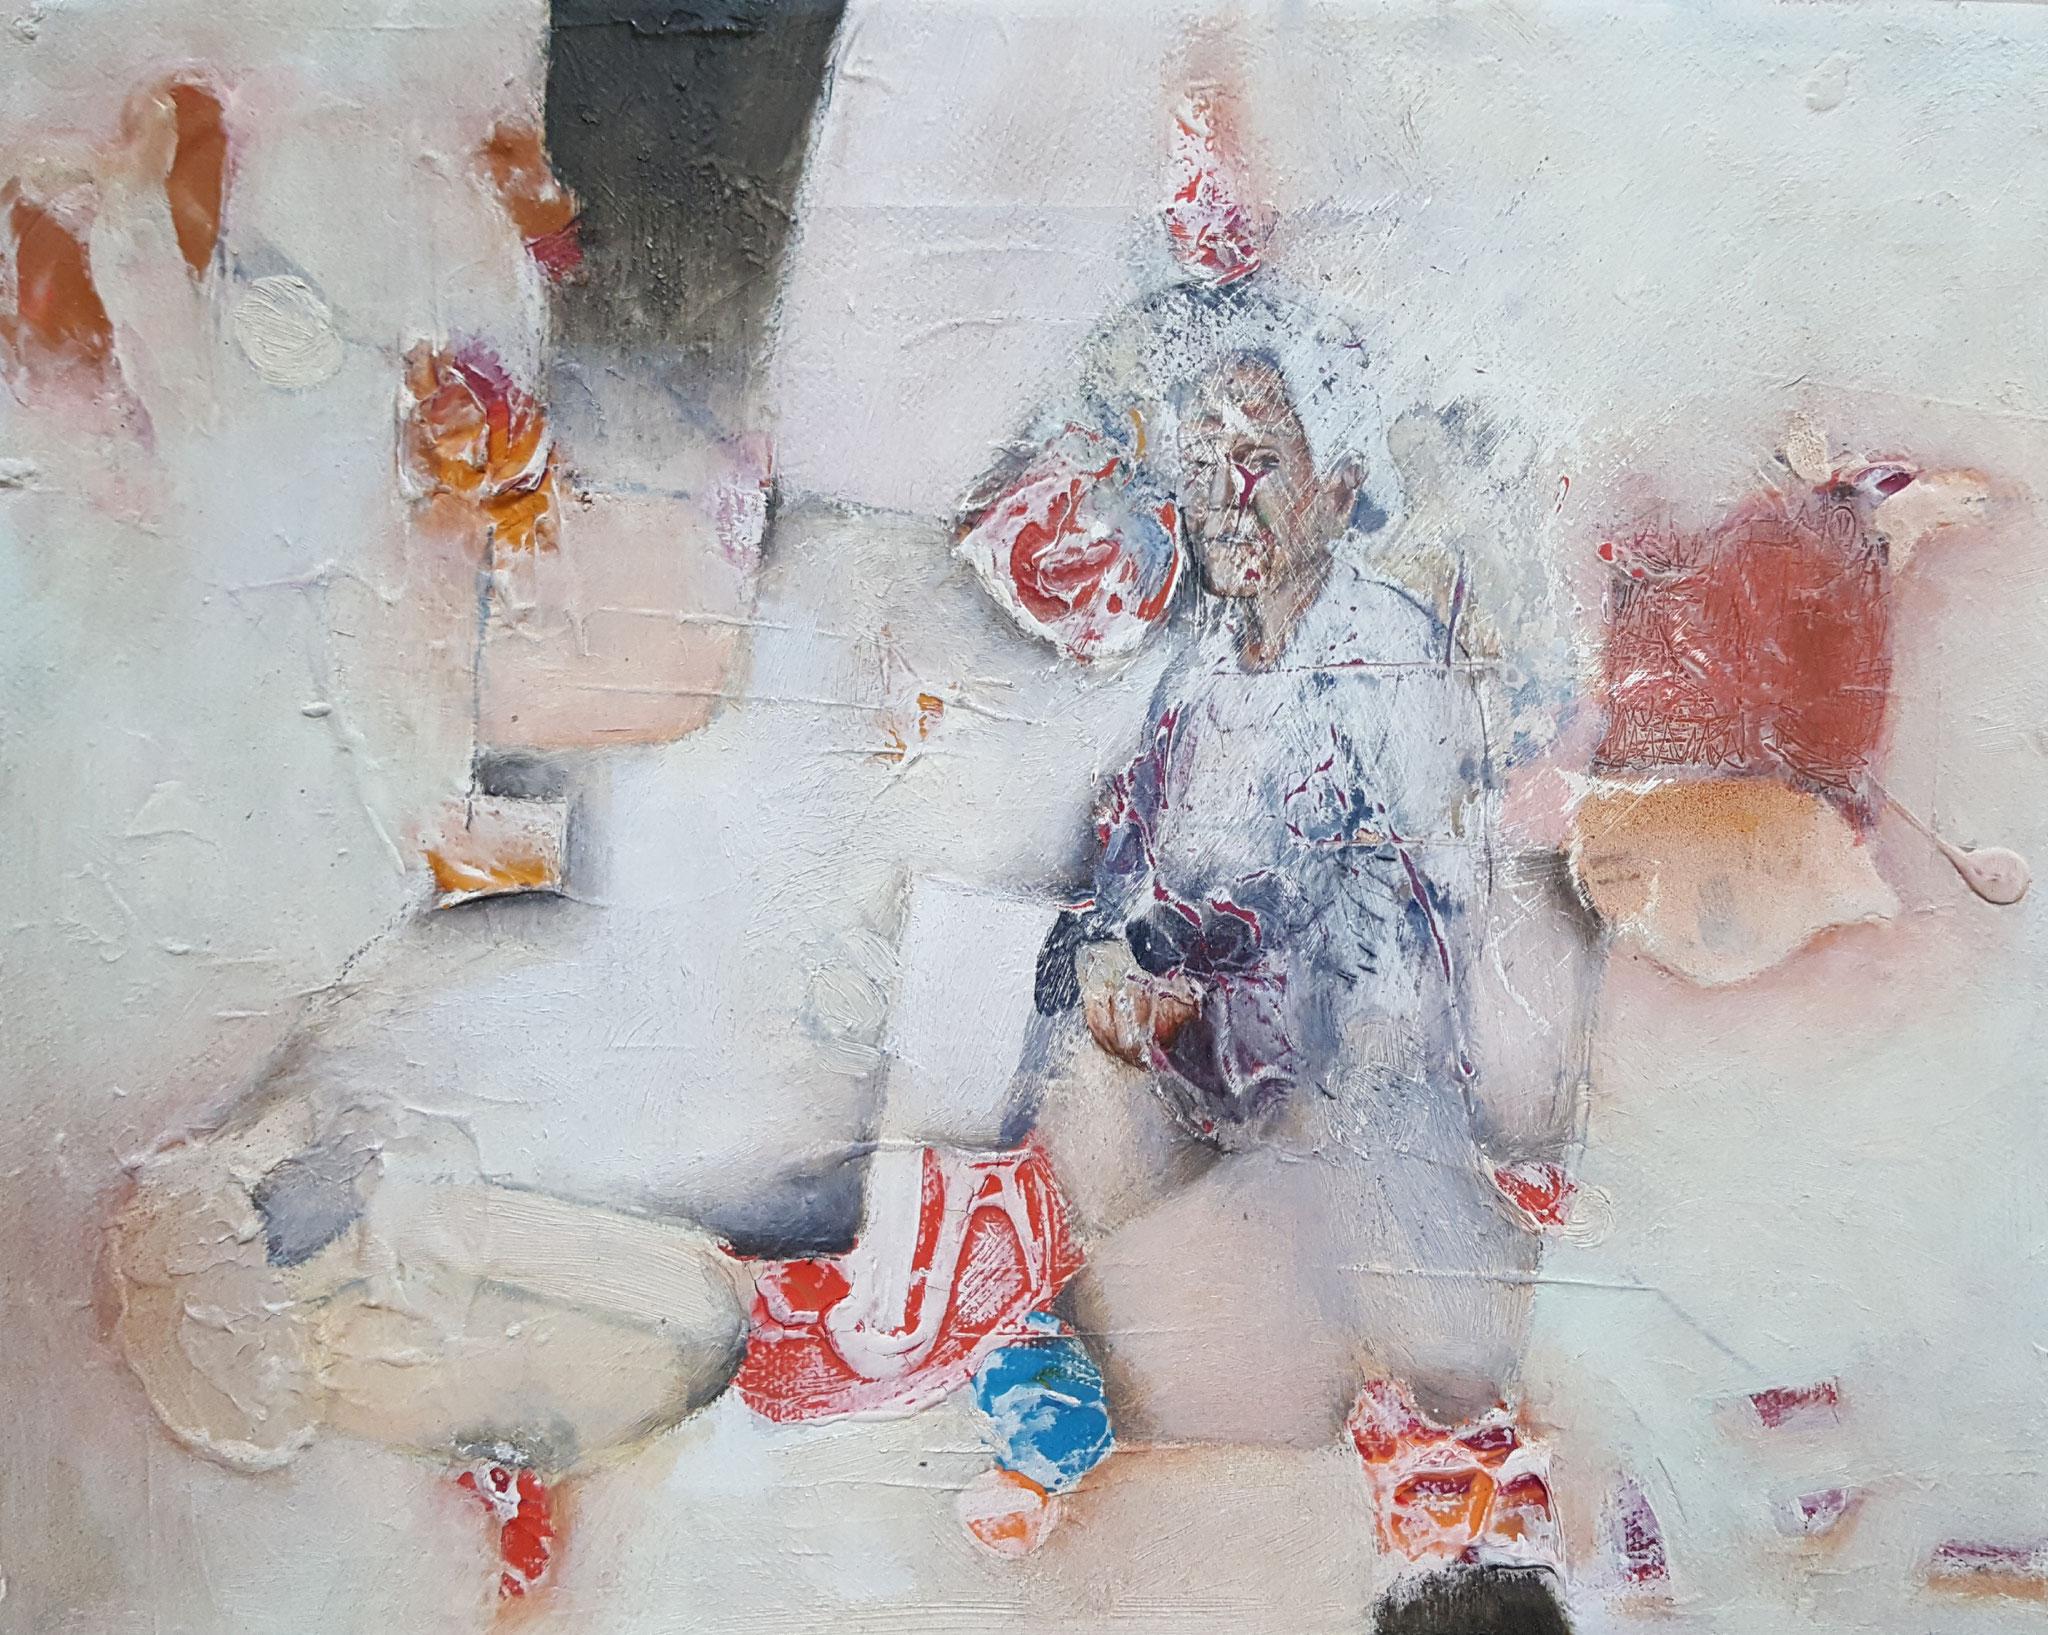 Des-aparecidos XVII, 2018, 30 x 20 cm, Técnica mixta sobre lienzo